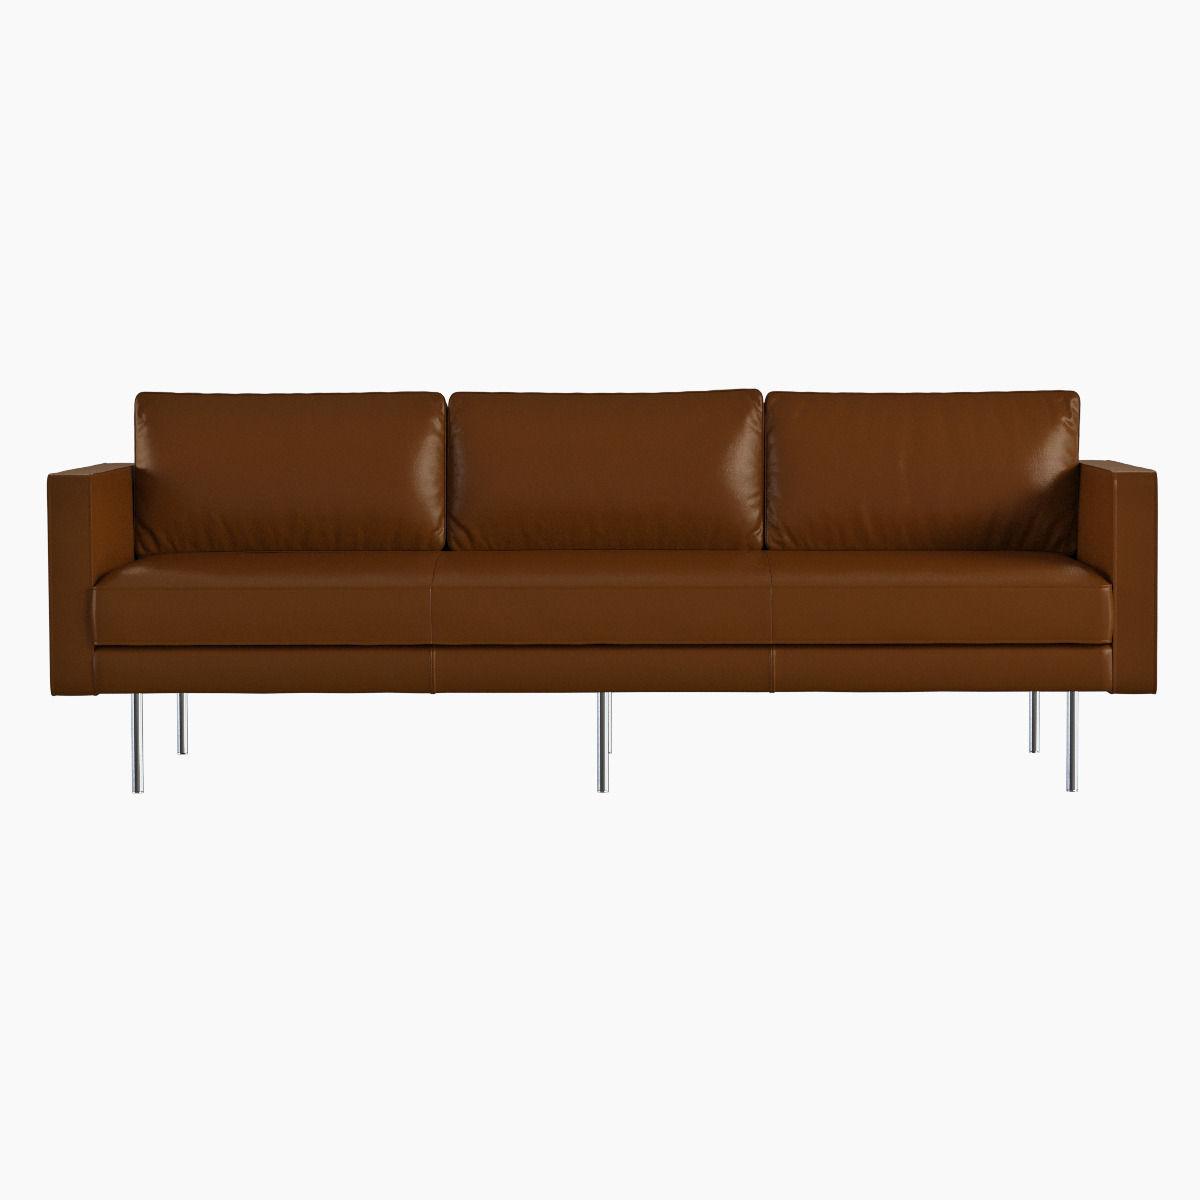 West elm axel leather sofa 3d model max obj fbx for Model furniture